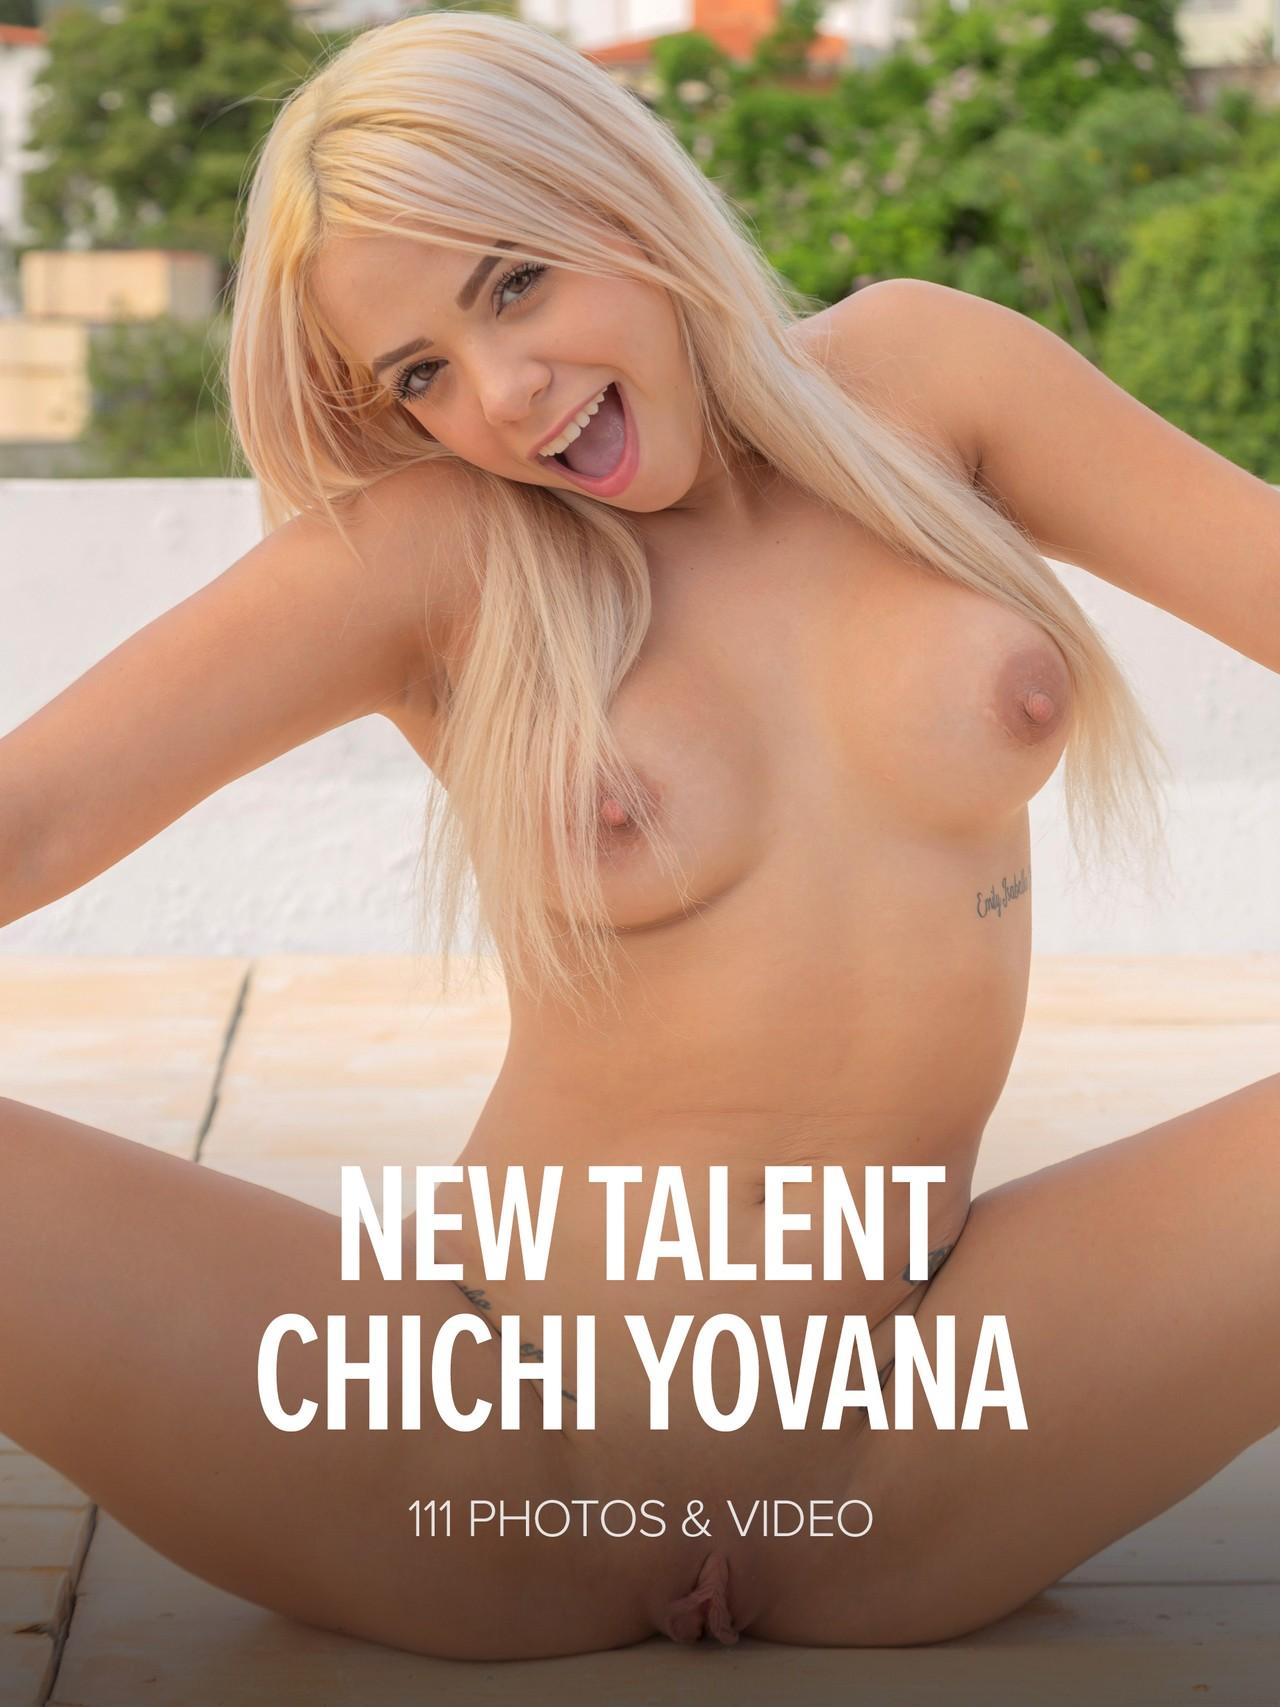 Chichi Yovana: New Talent Chichi Yovana